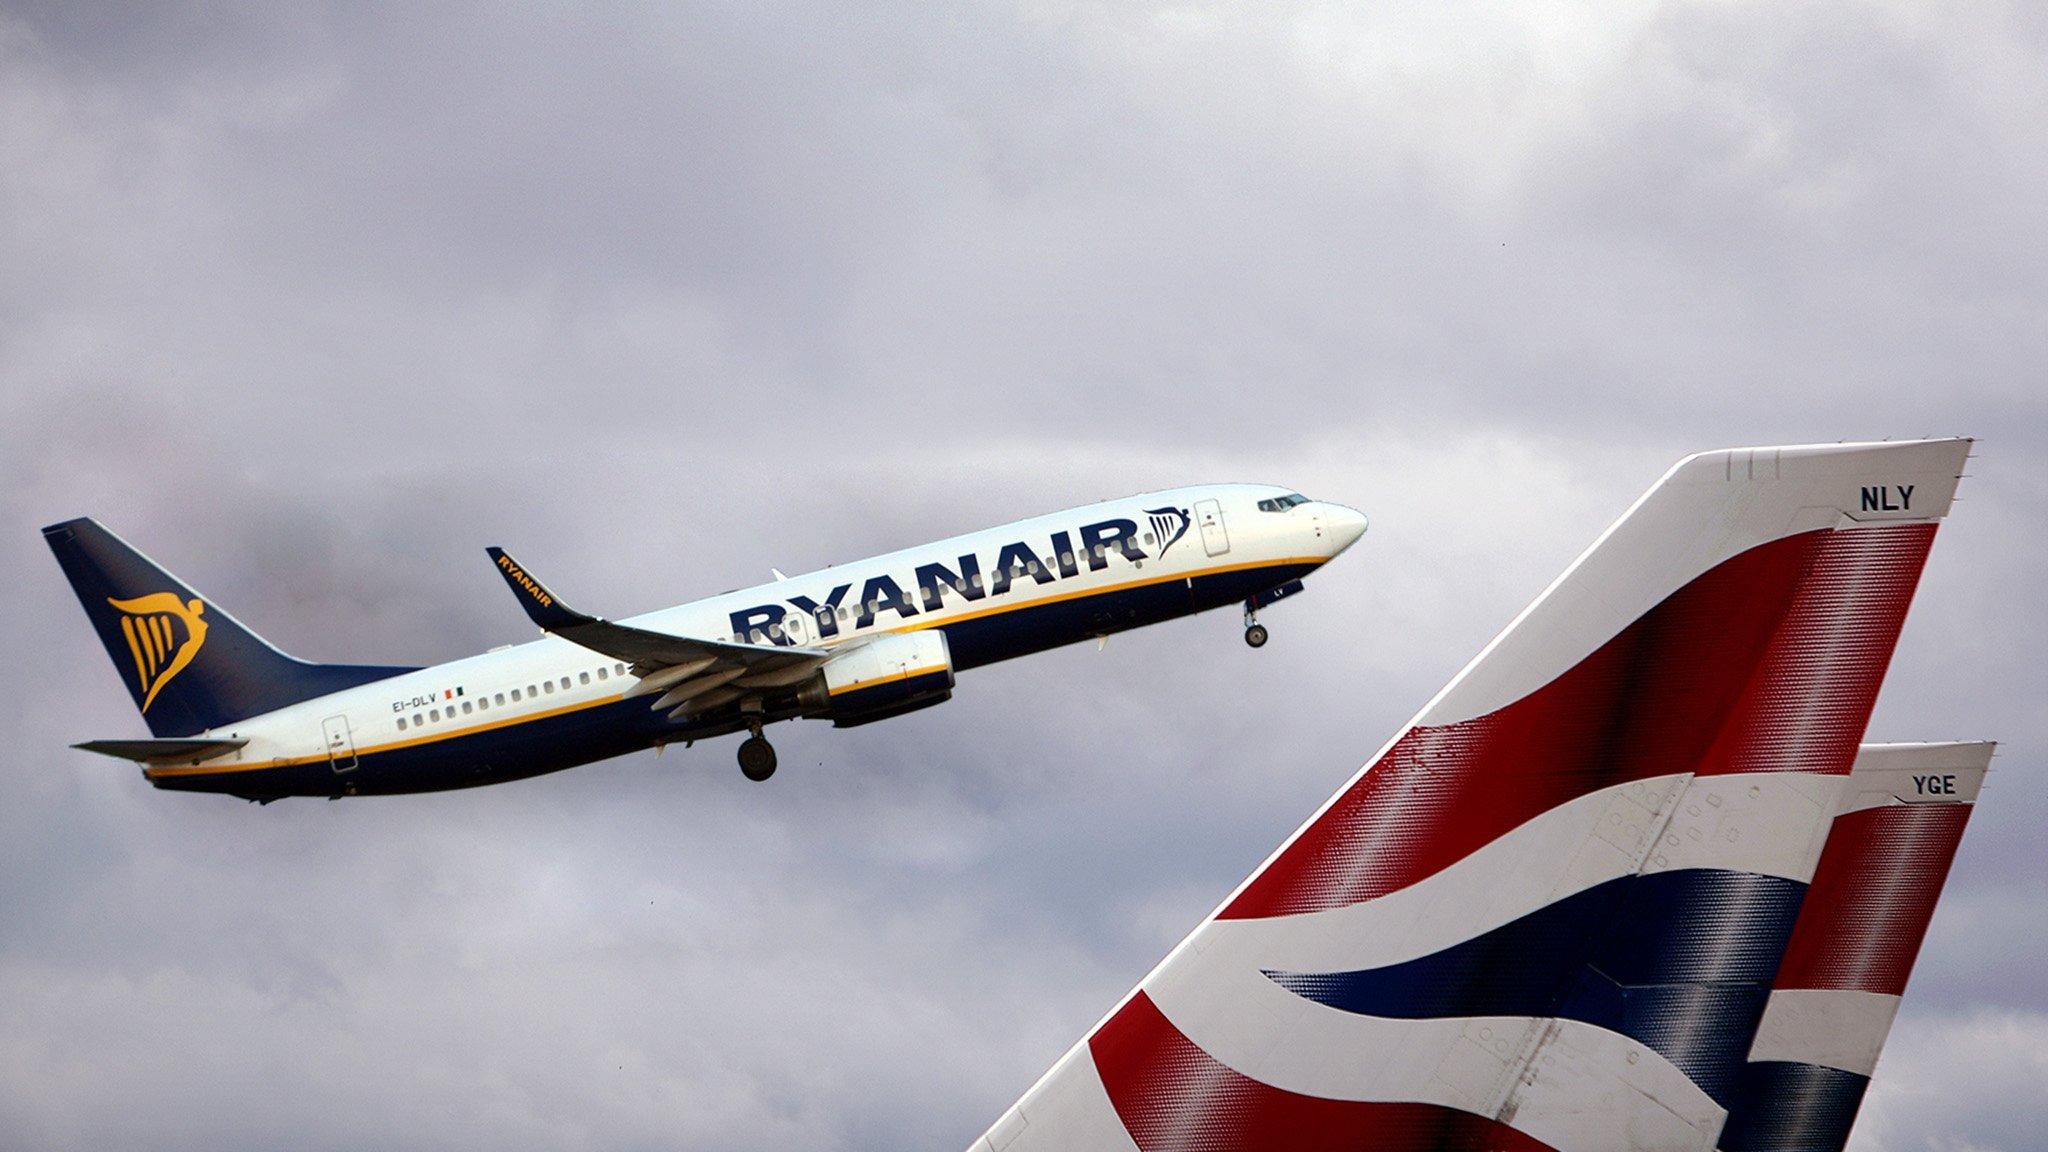 ff28ed2e b885 11e5 b151 8e15c9a029fb - El Bullying de Ryanair hacia British Airways